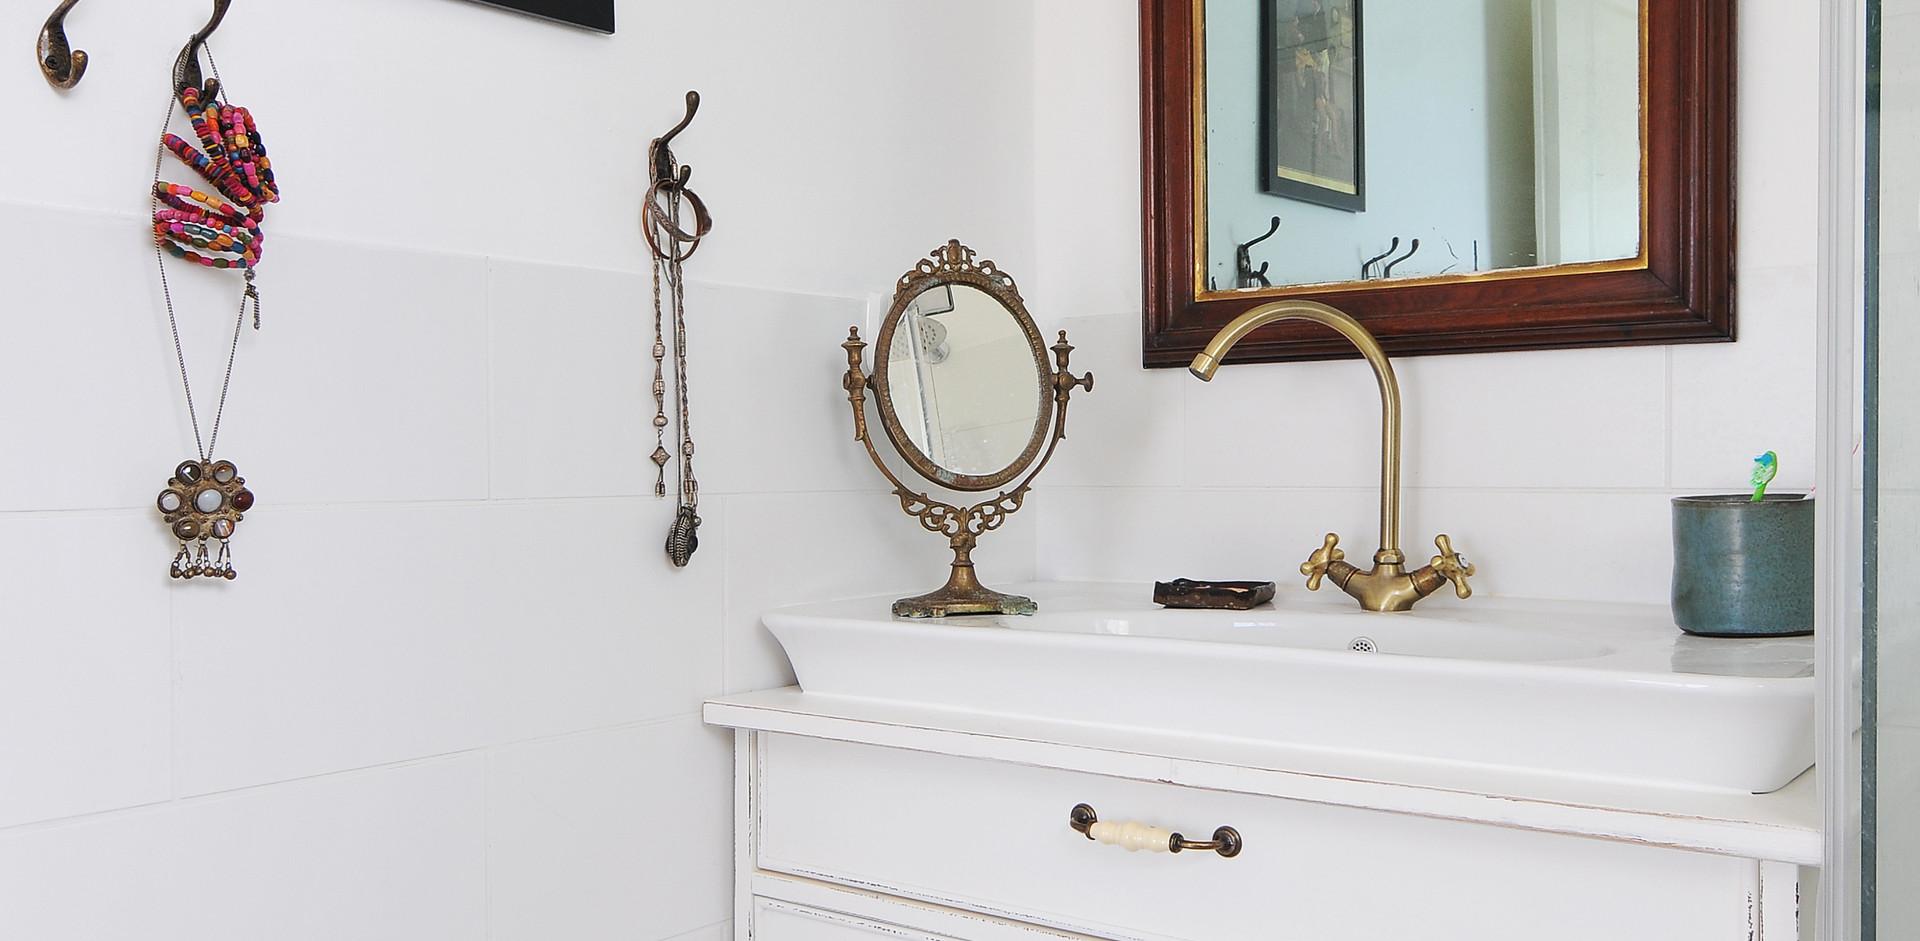 פריטים שנאספו מבית סבתא ומקשטים את חלל האמבטיה